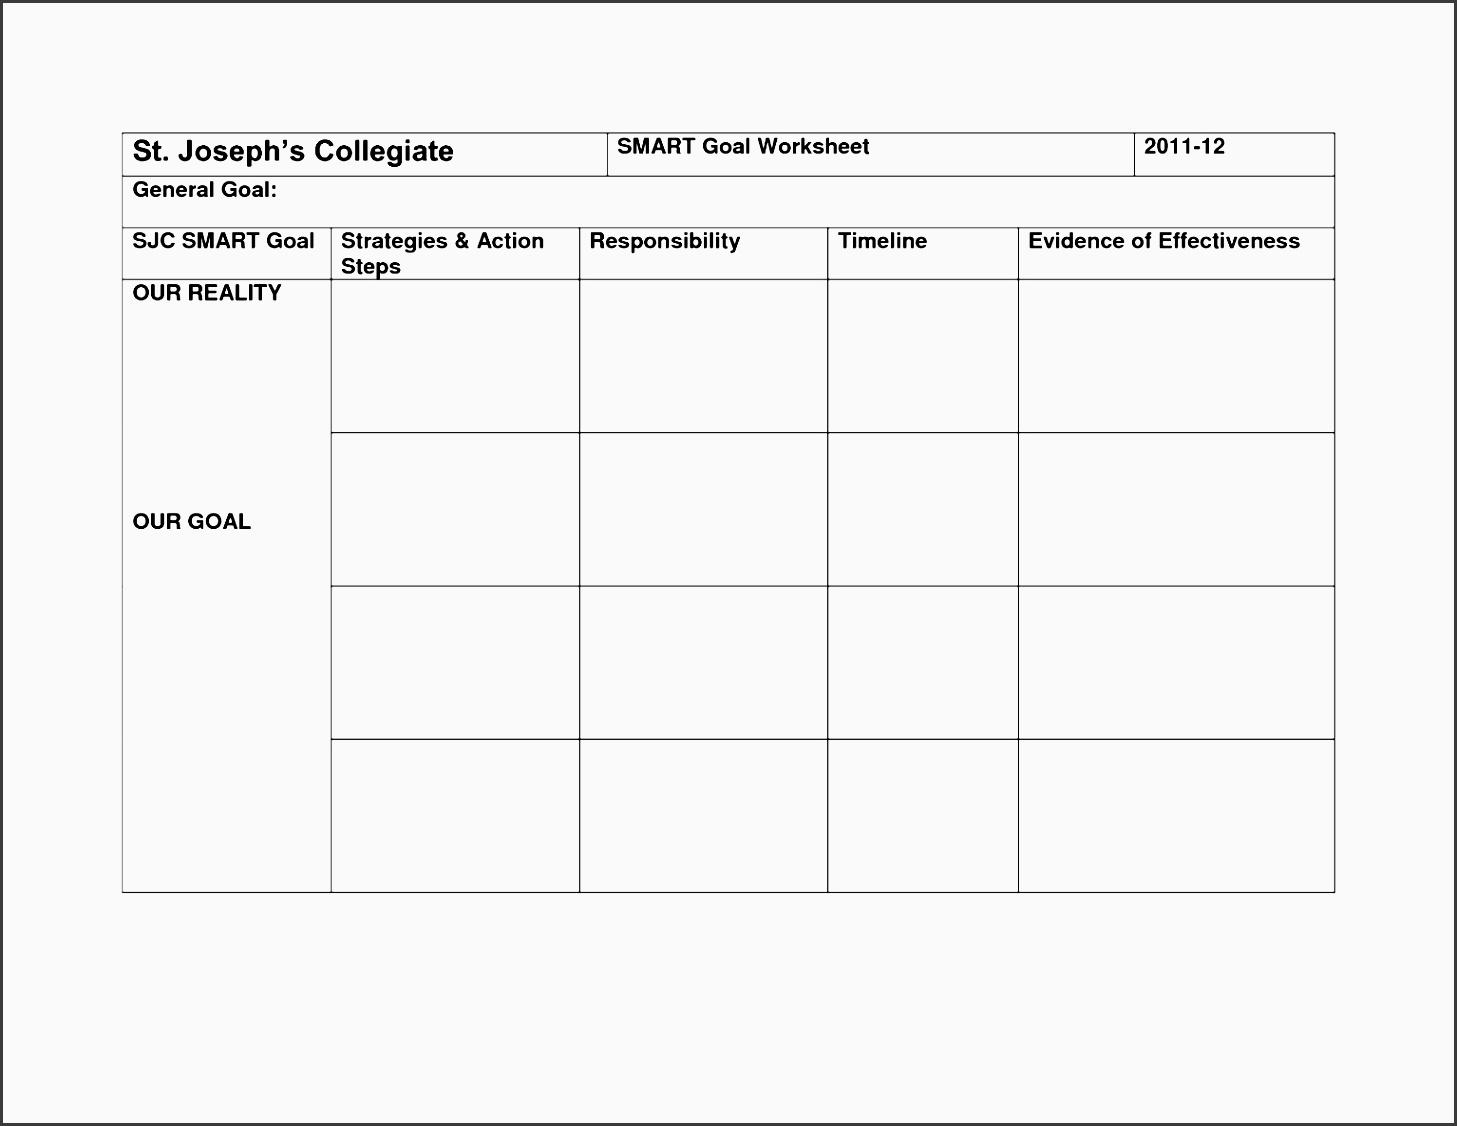 action plan timeline template lsuhj lovely best s of smart goal template word smart goals template smart goal template pdf and of action plan timeline template gjoyq